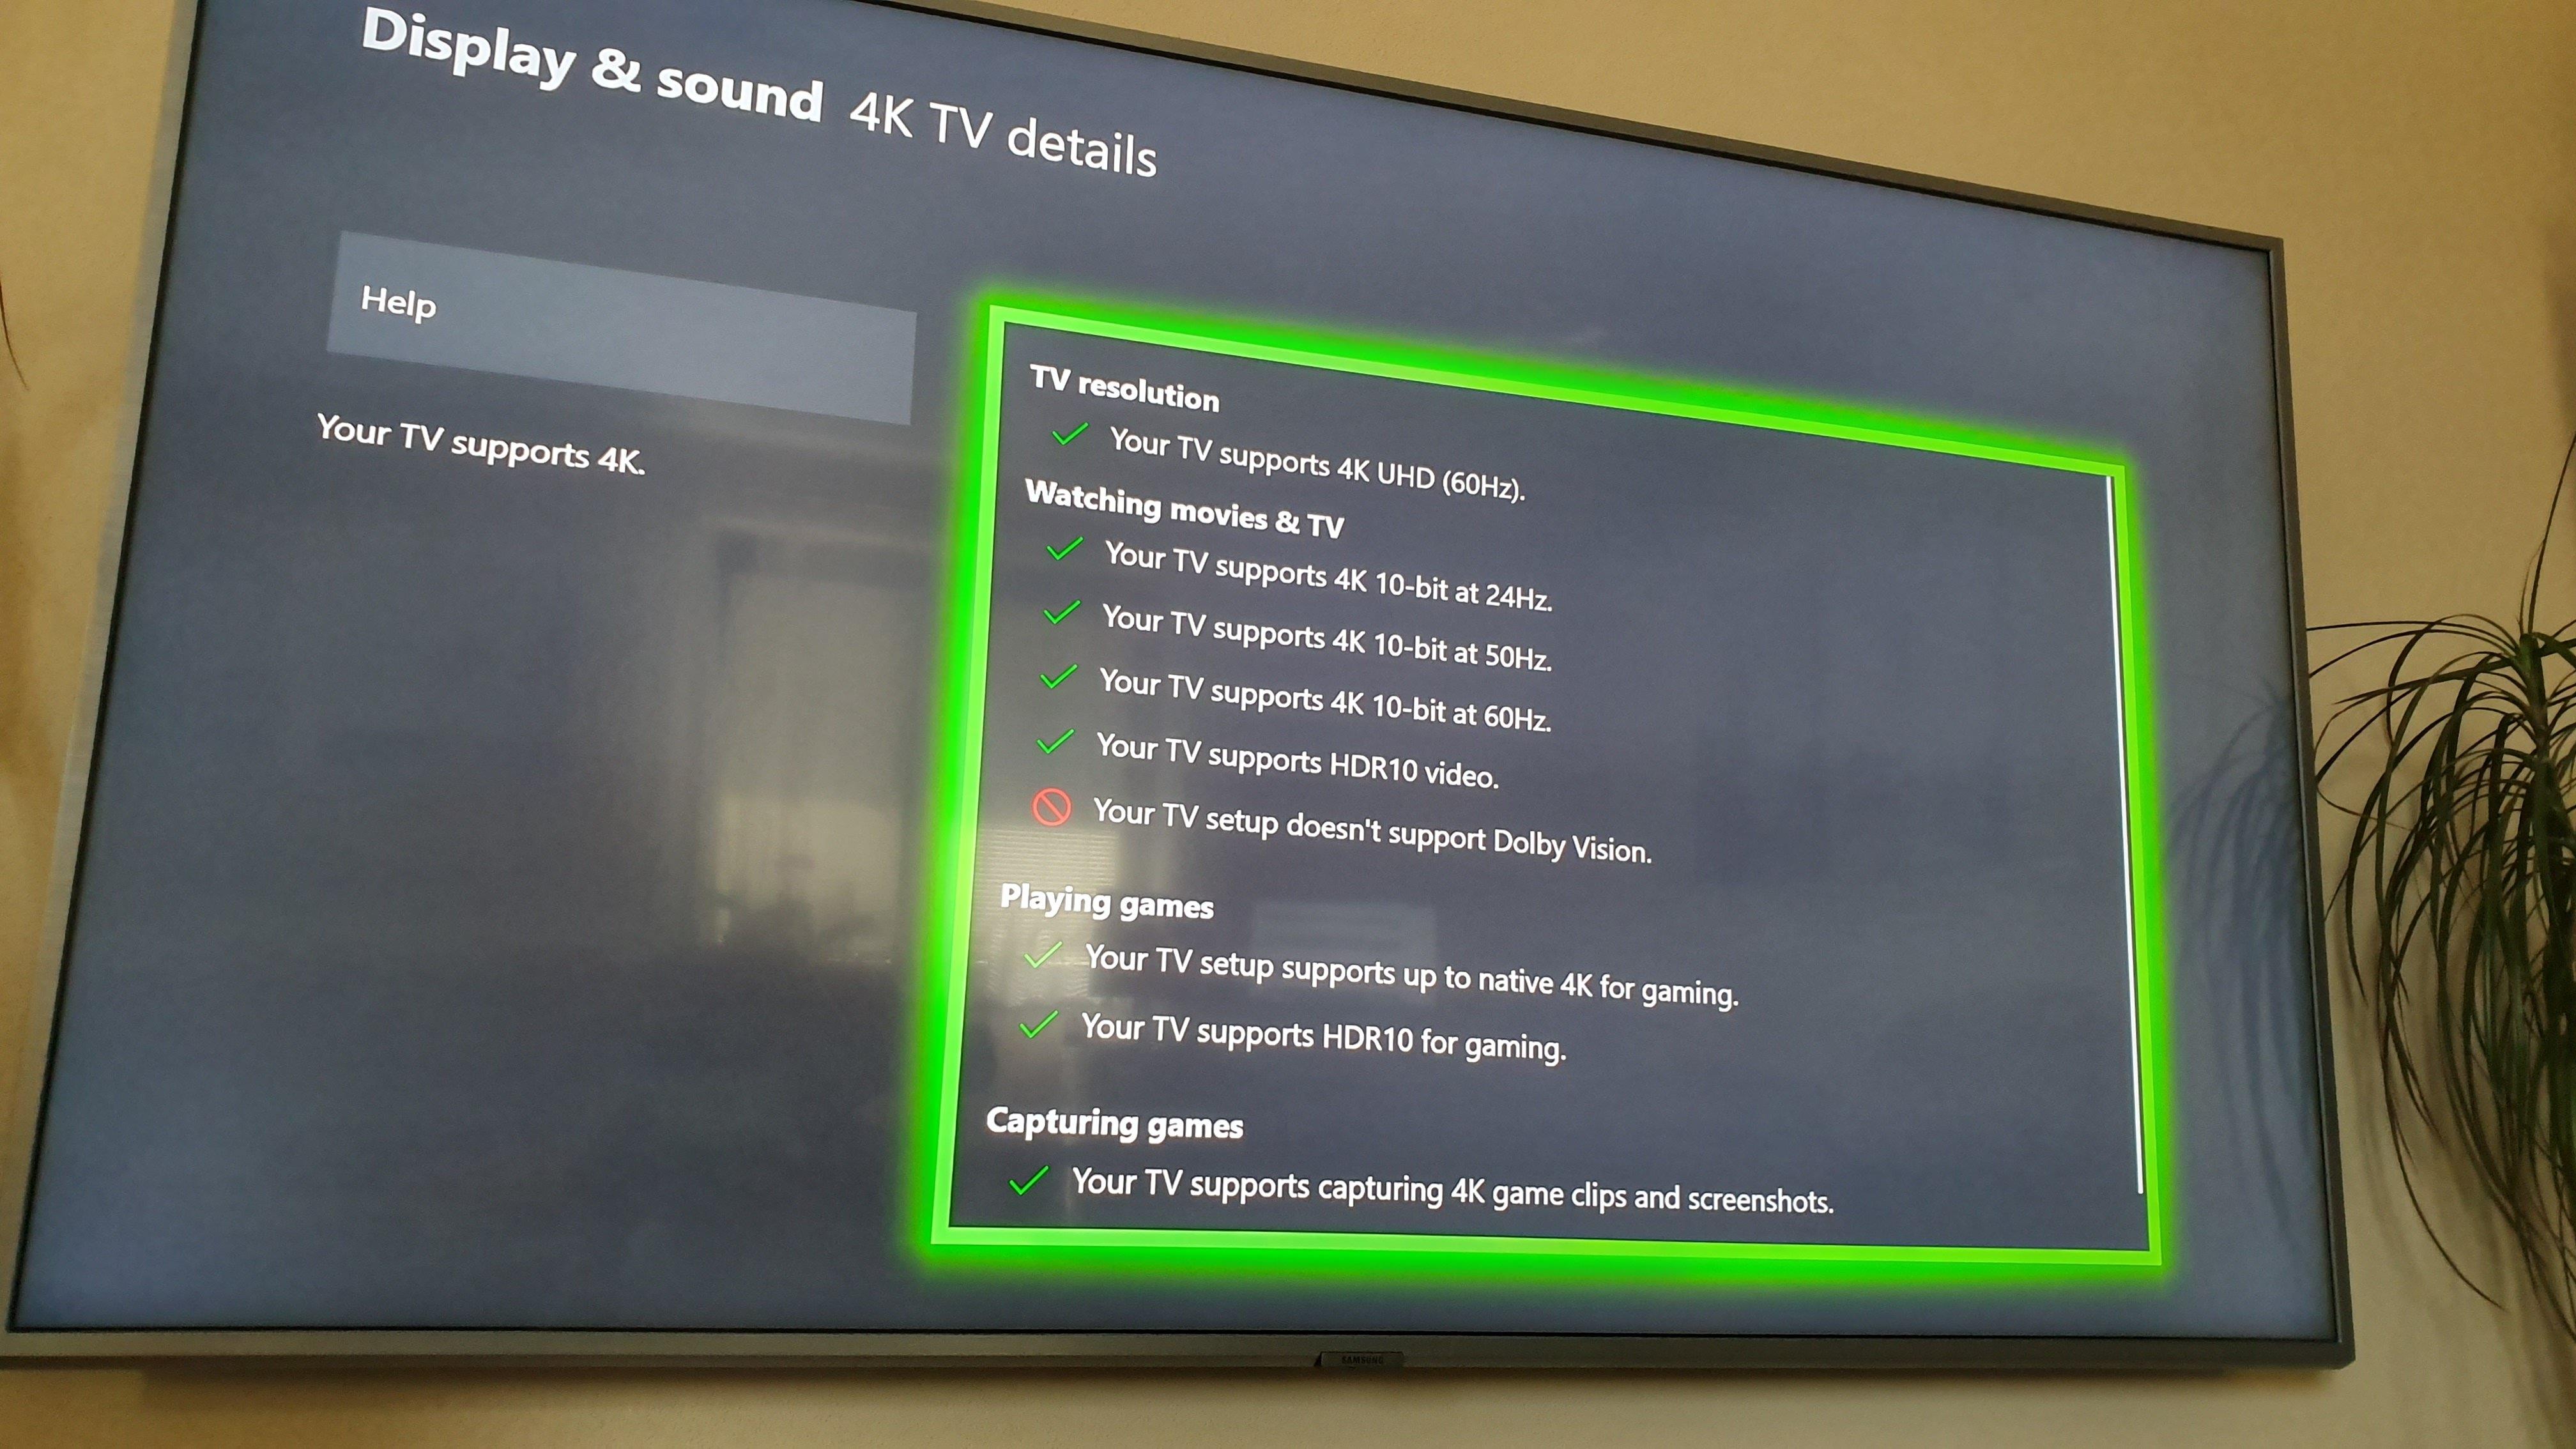 fbb6194e1 Ako zvyčajne je tu plná podpora Xbox funkcii až na Dolby Vision HDR, ktoré  Samsung nepodporuje